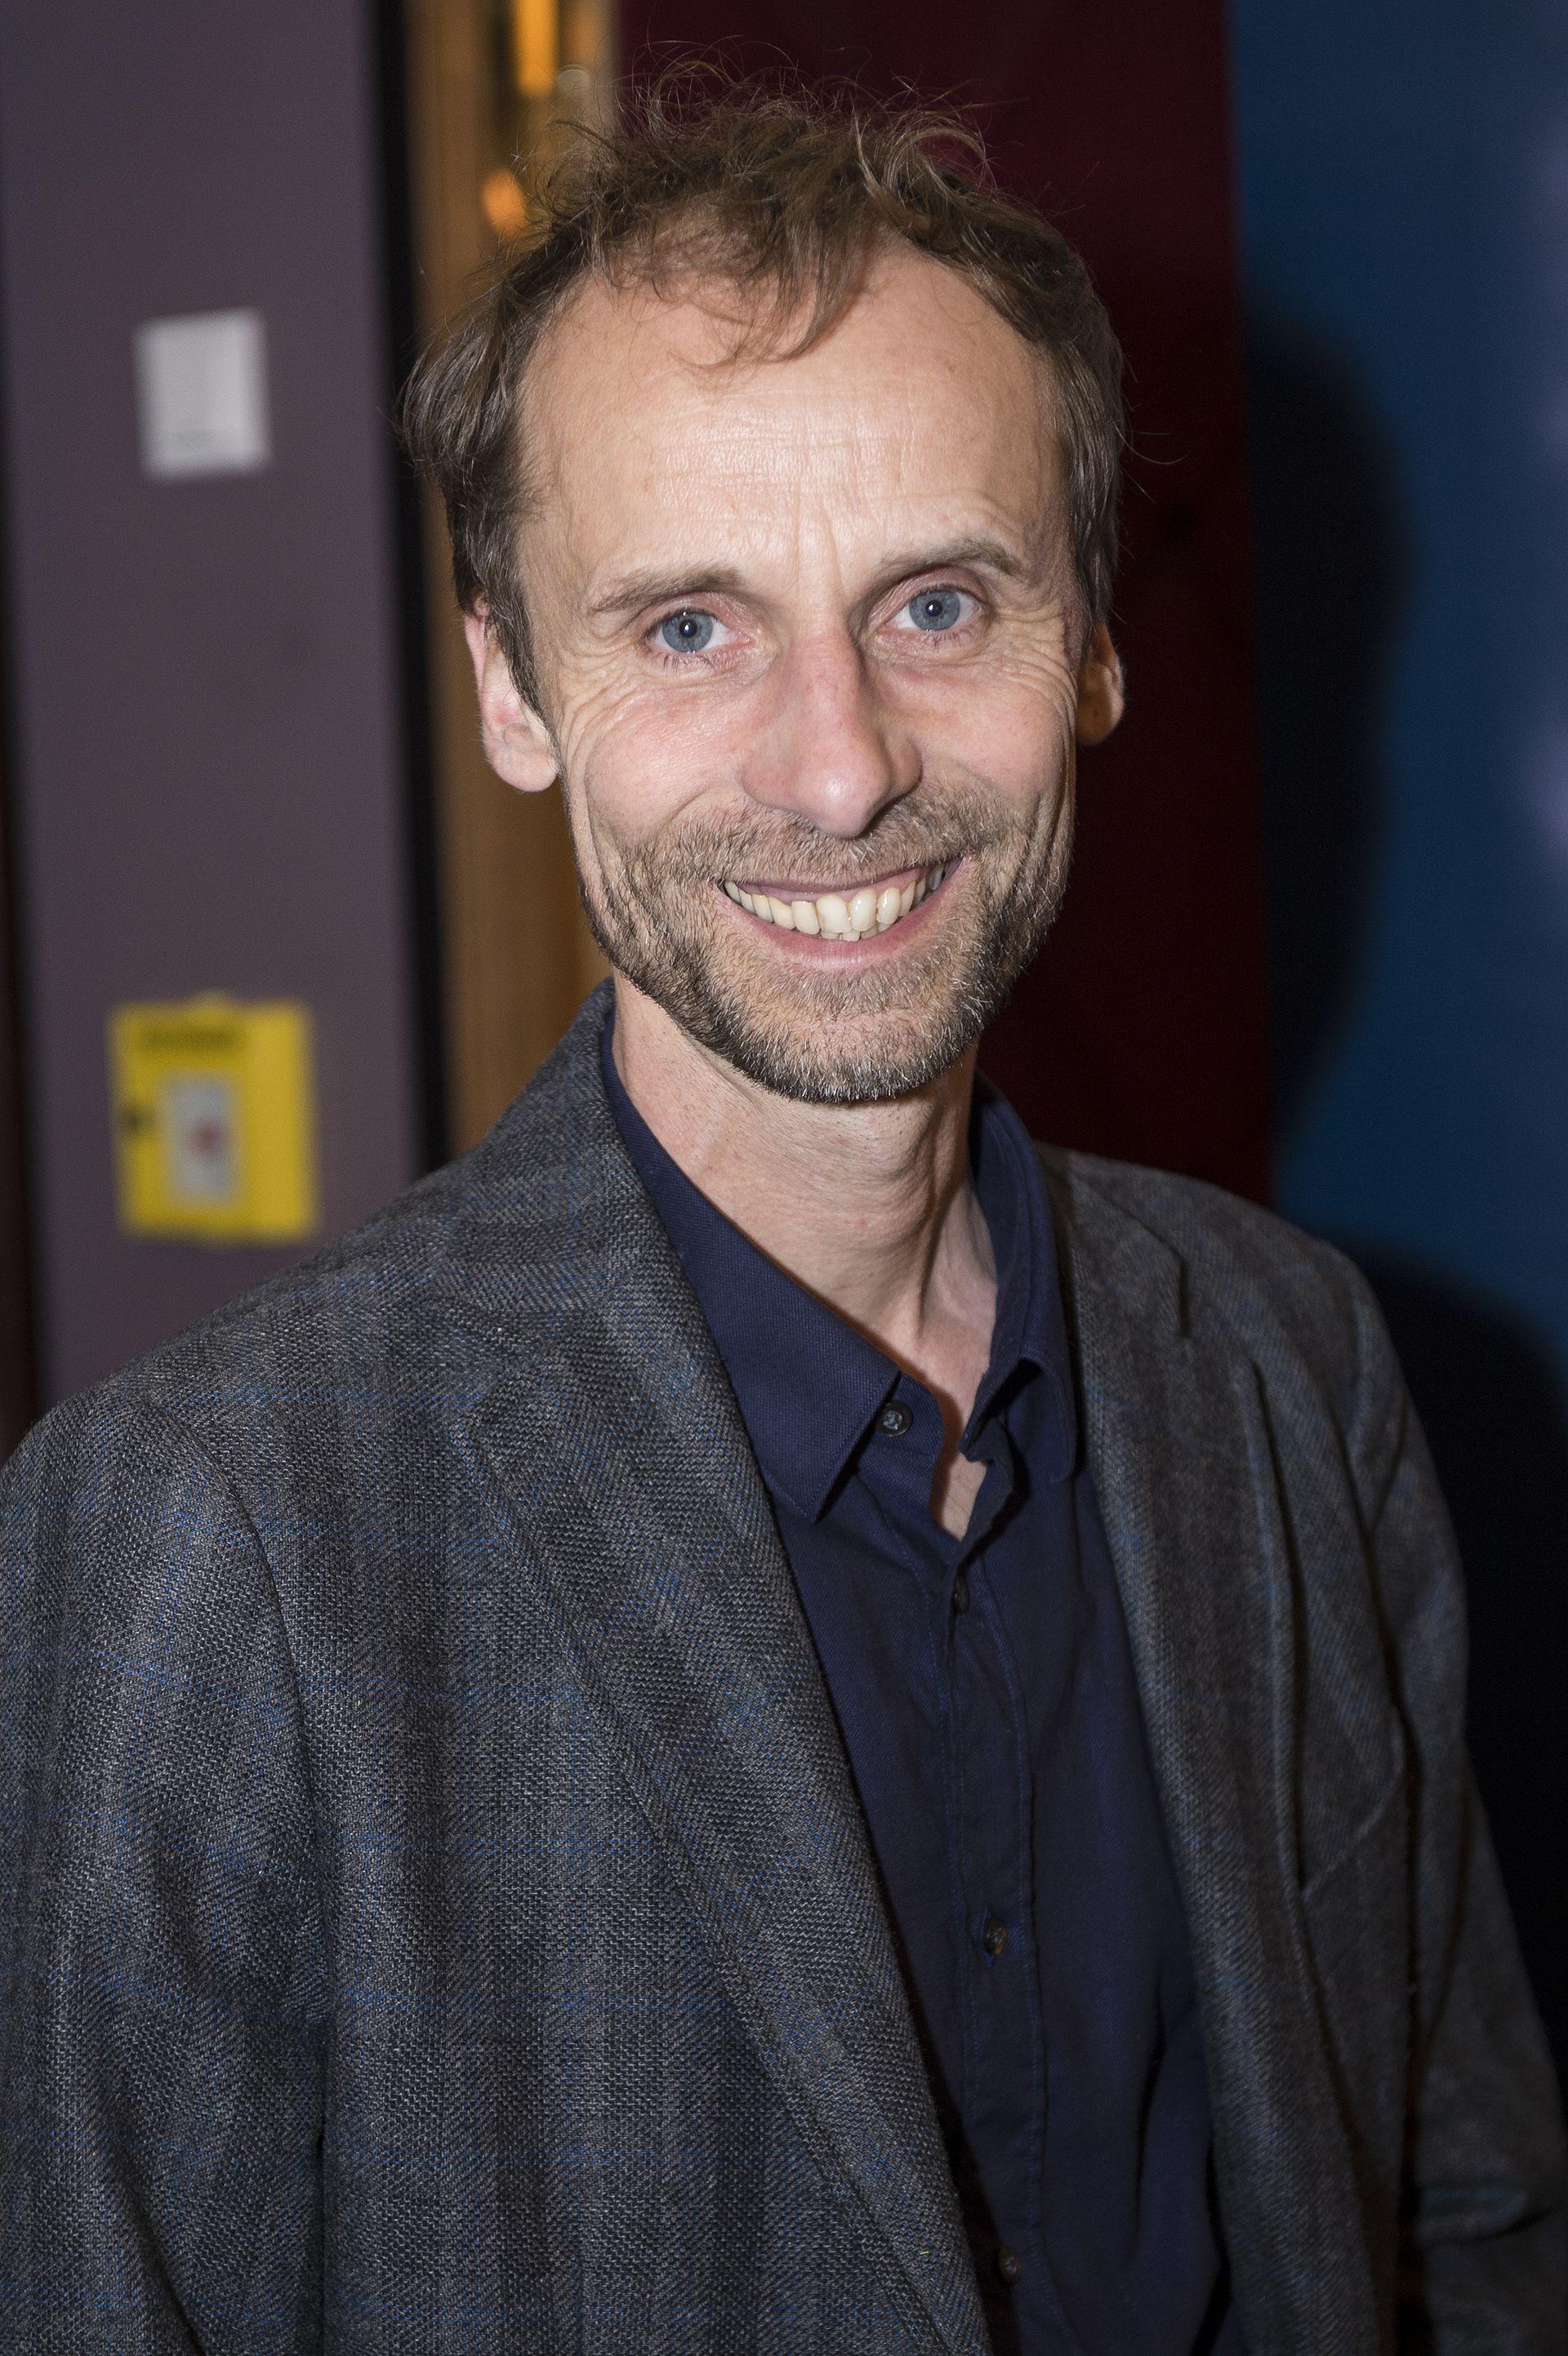 Jan Georg SchГјtte